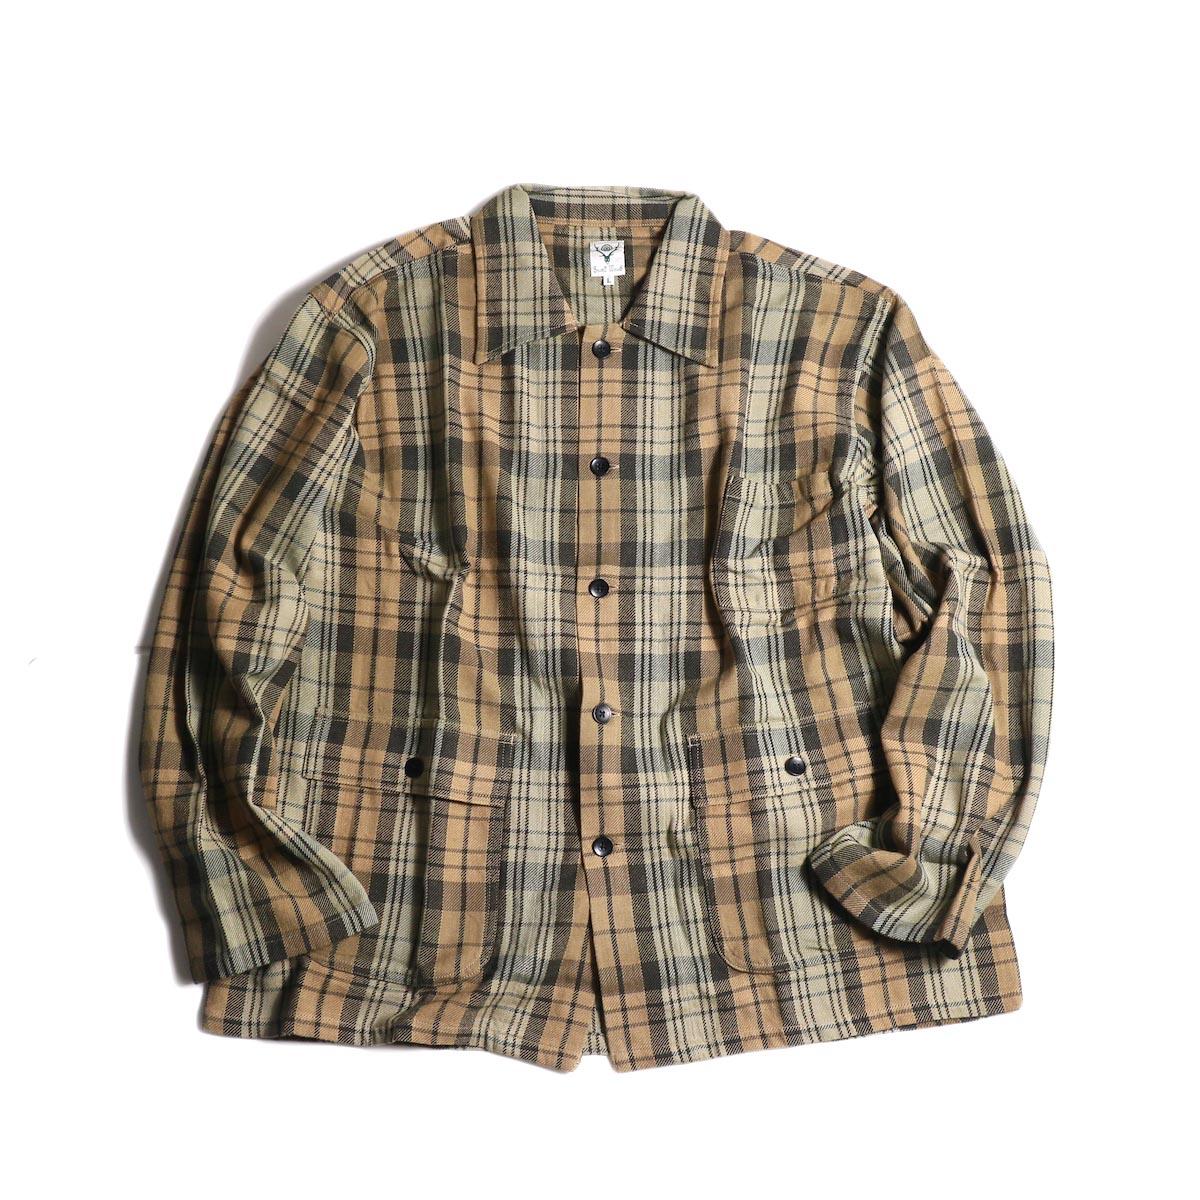 South2 West8 / Hunting Shirt -Plaid Twill (Khaki/Black)